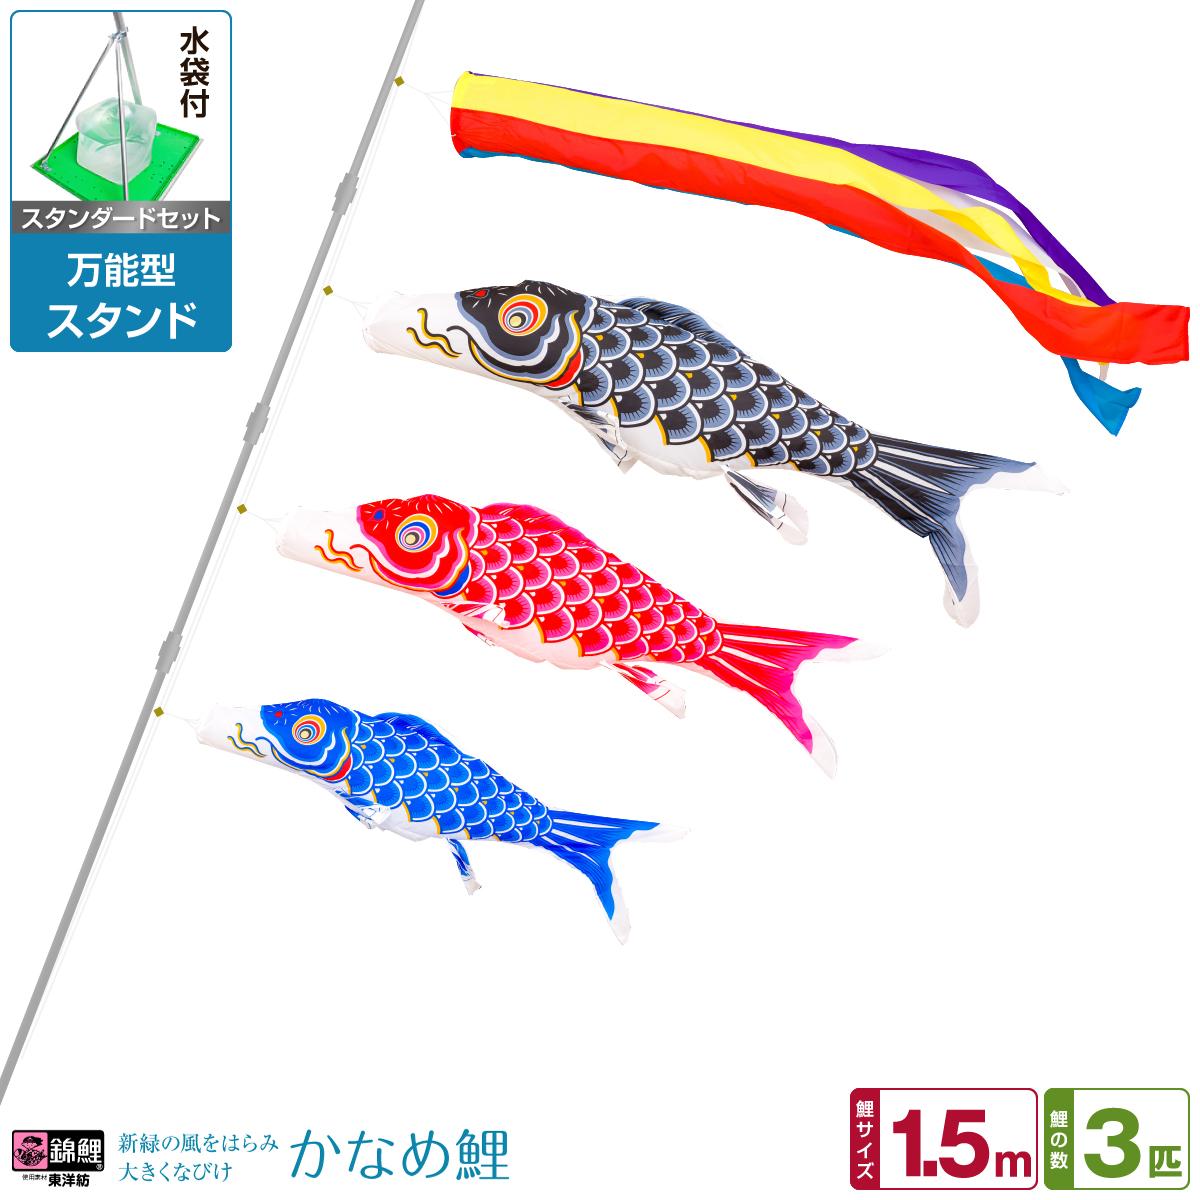 ベランダ用 こいのぼり 鯉のぼり 錦鯉 新緑の風になびく かなめ鯉 1.5m 6点(吹流し+鯉3匹+矢車+ロープ)/スタンダードセット(万能スタンド)